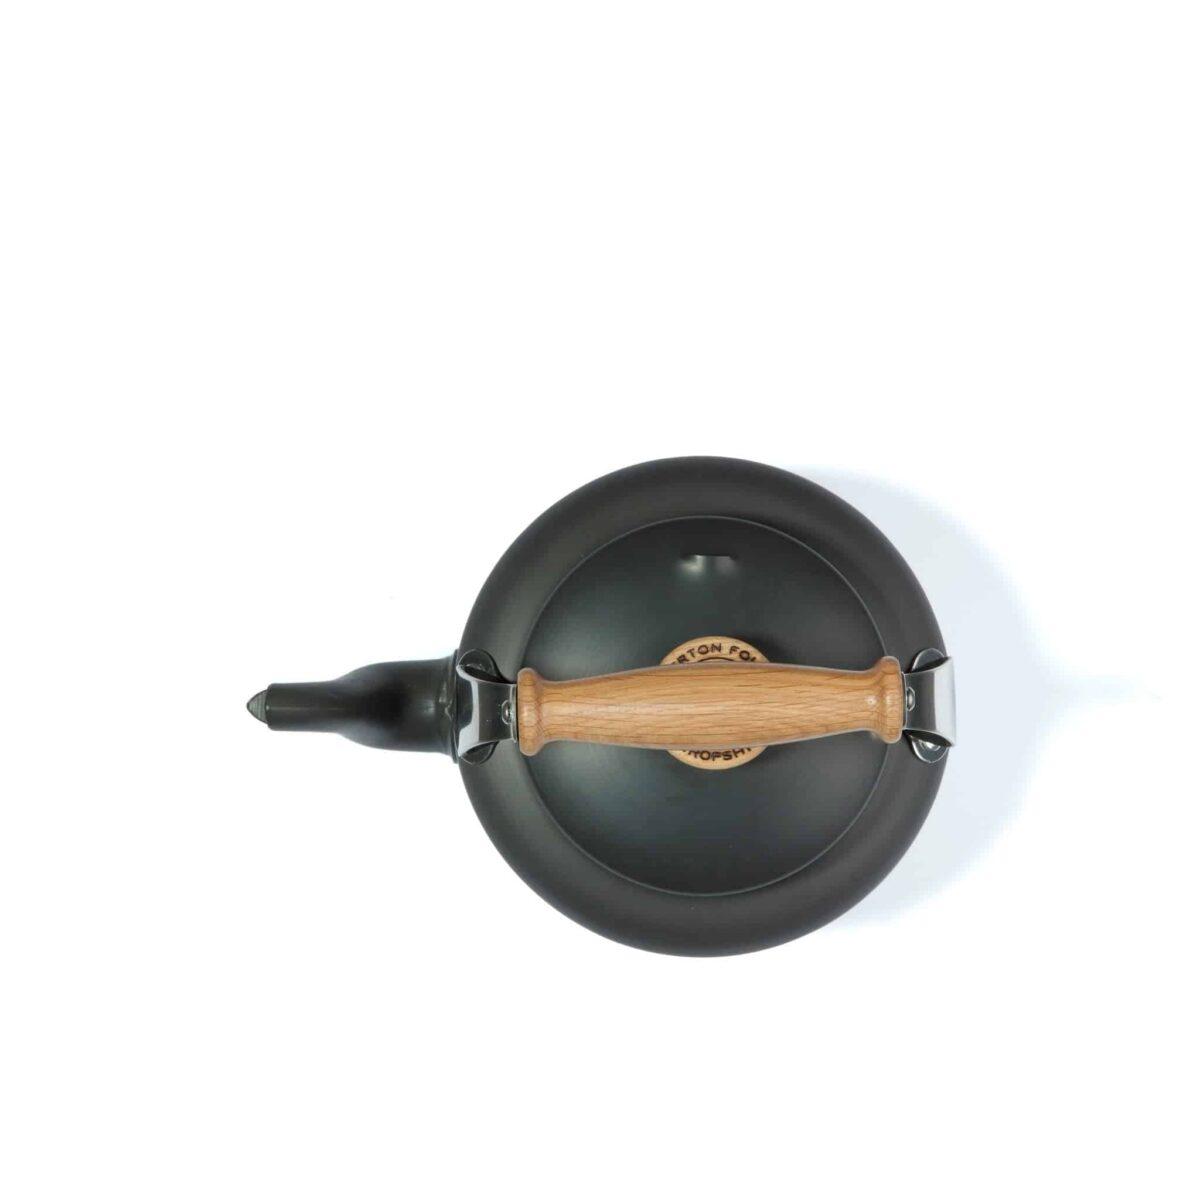 Netherton-kettle-castiron-006